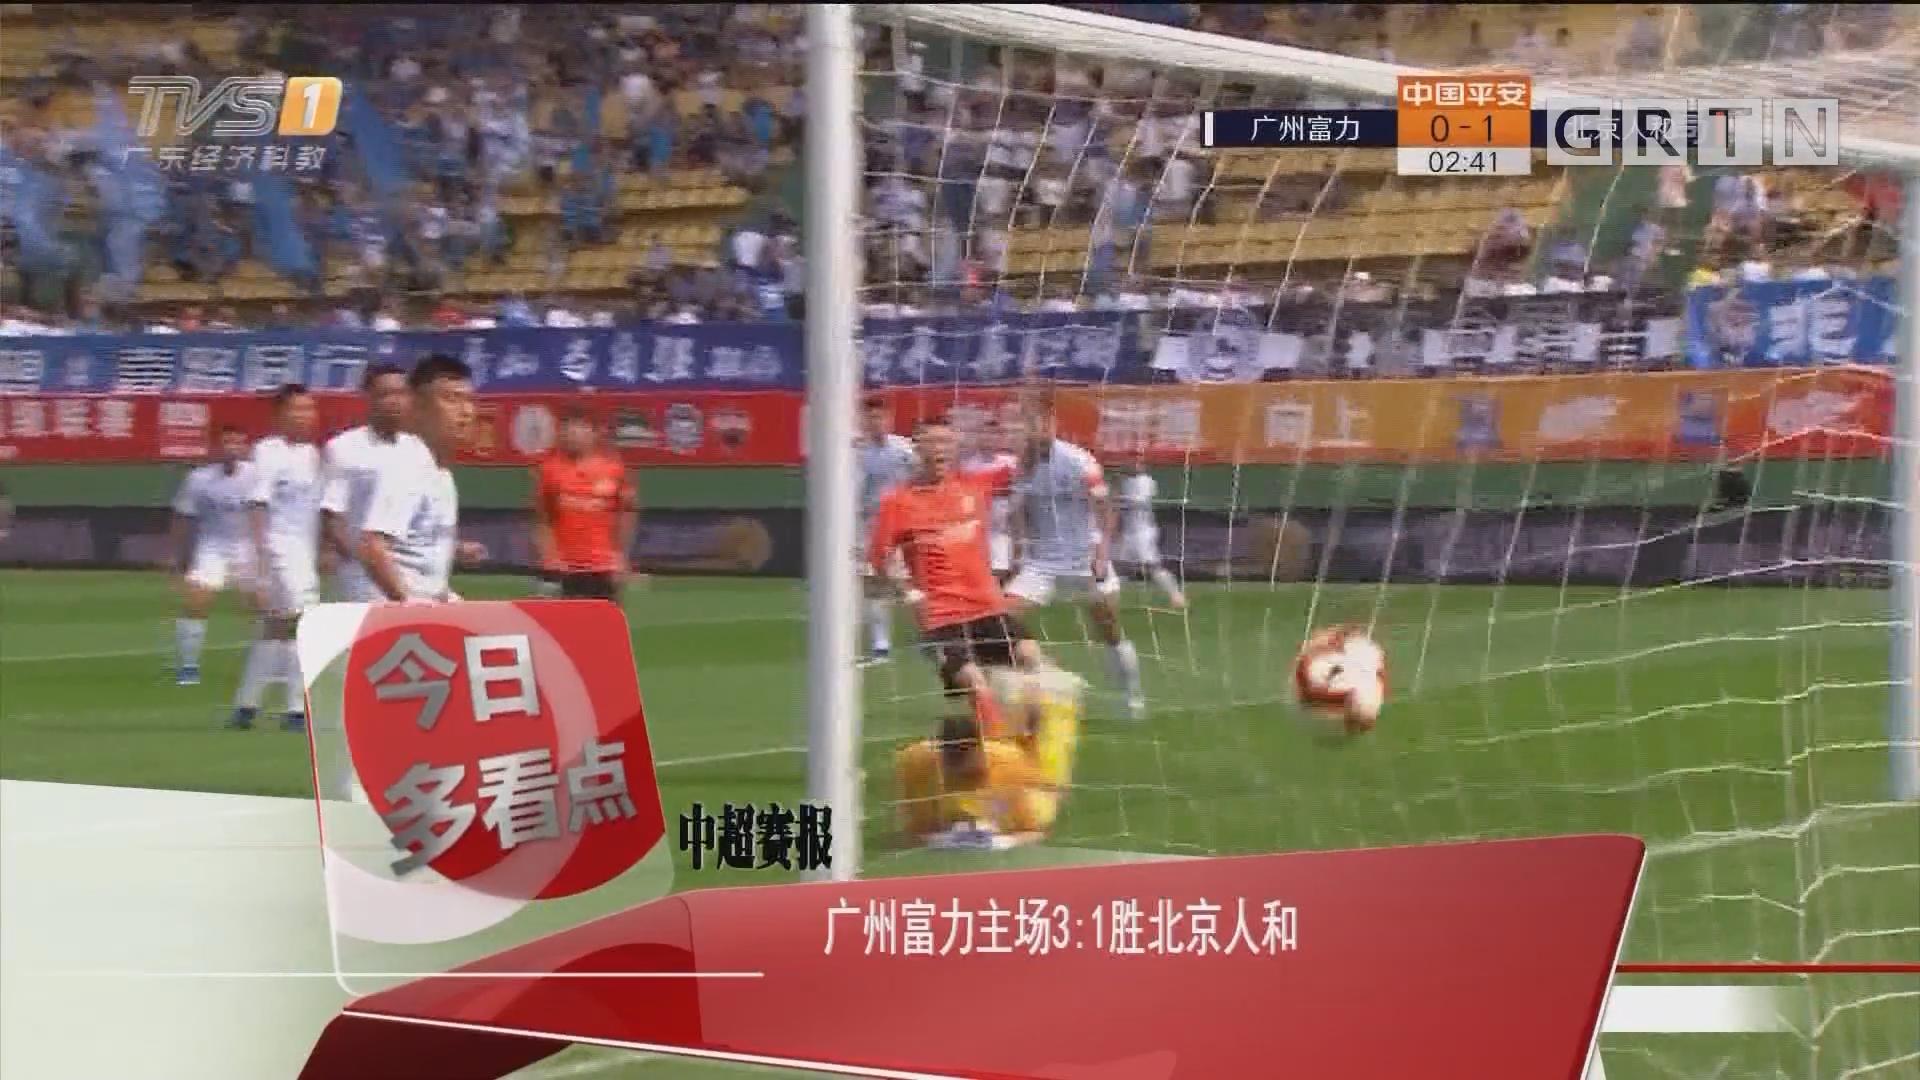 中超赛报:广州富力主场3:1胜北京人和